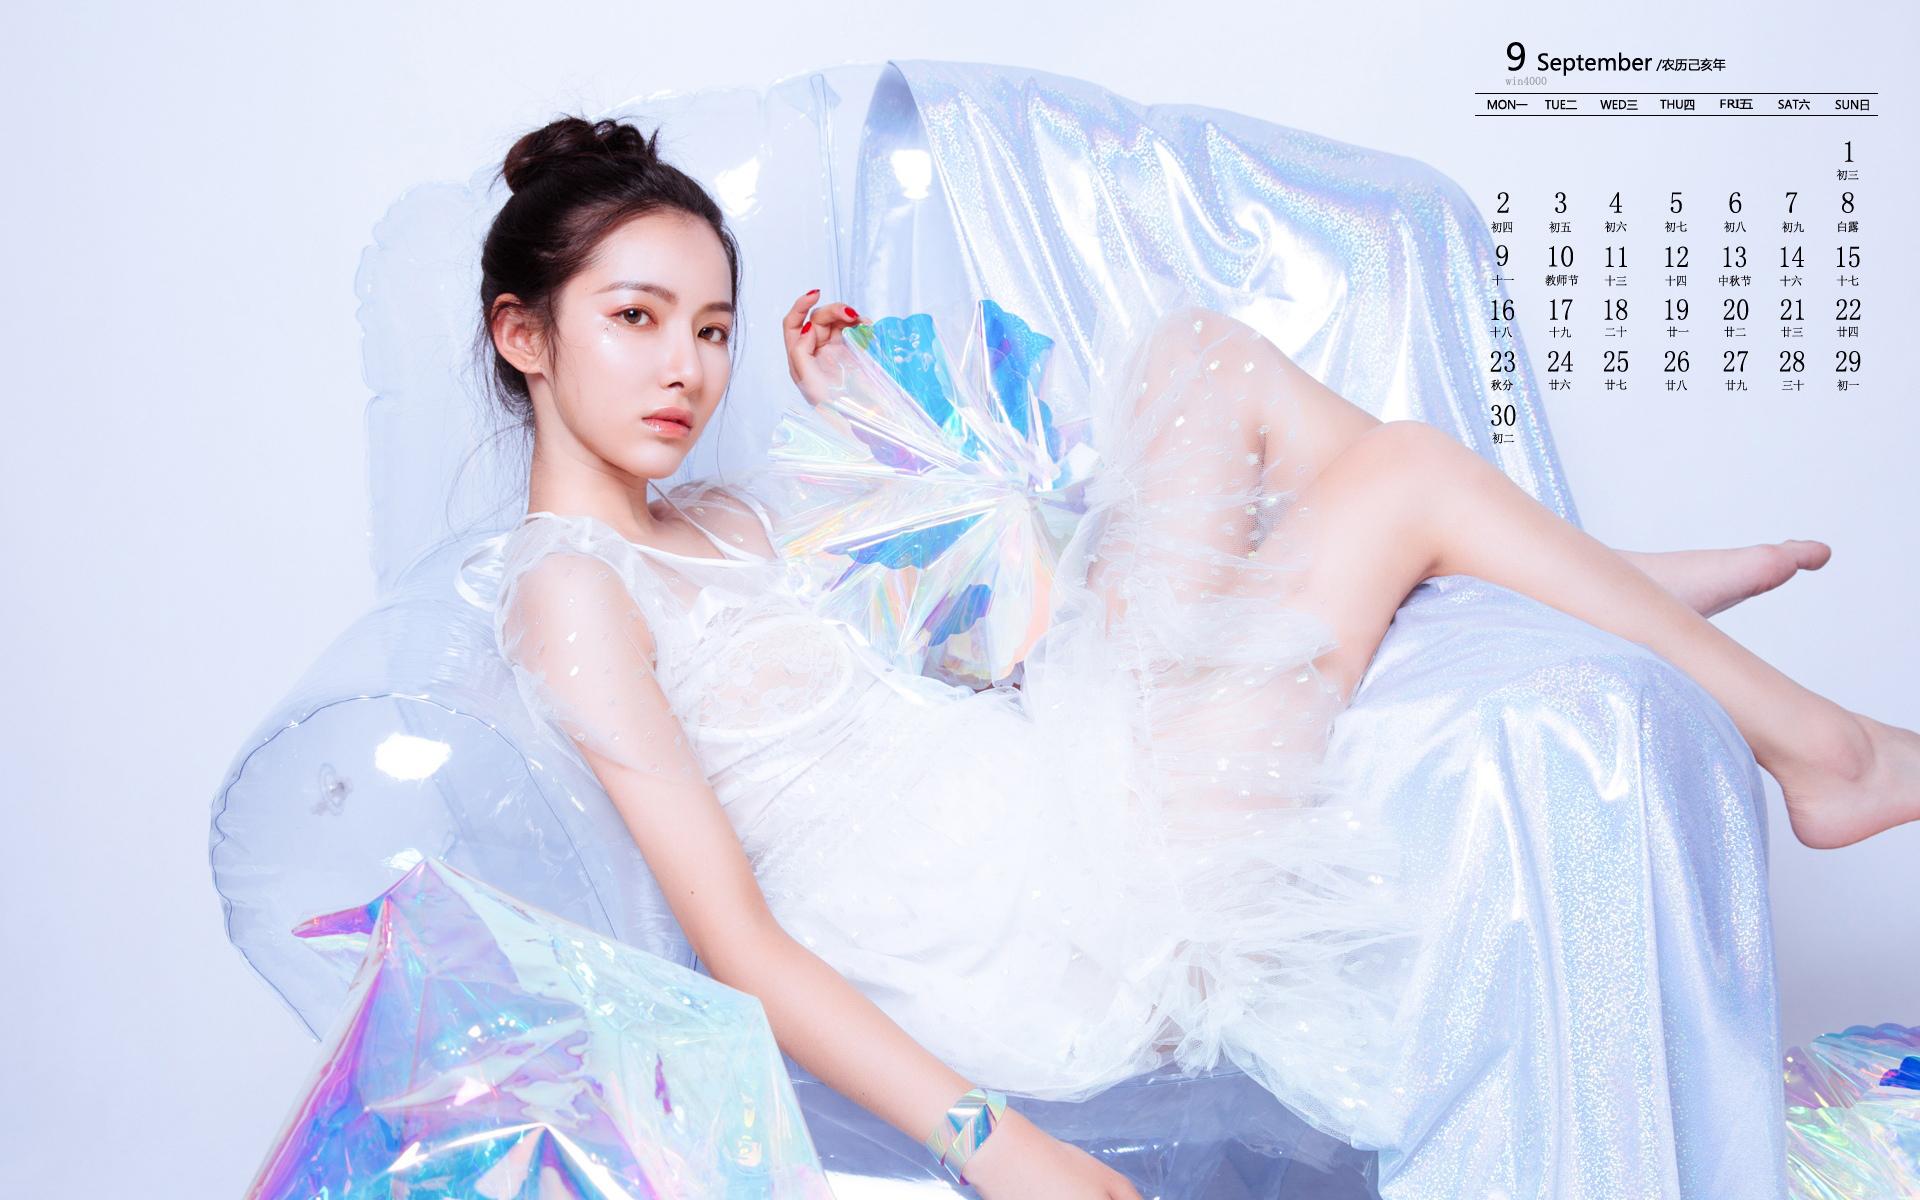 2019年9月甜美蕾丝裙美女日历壁纸